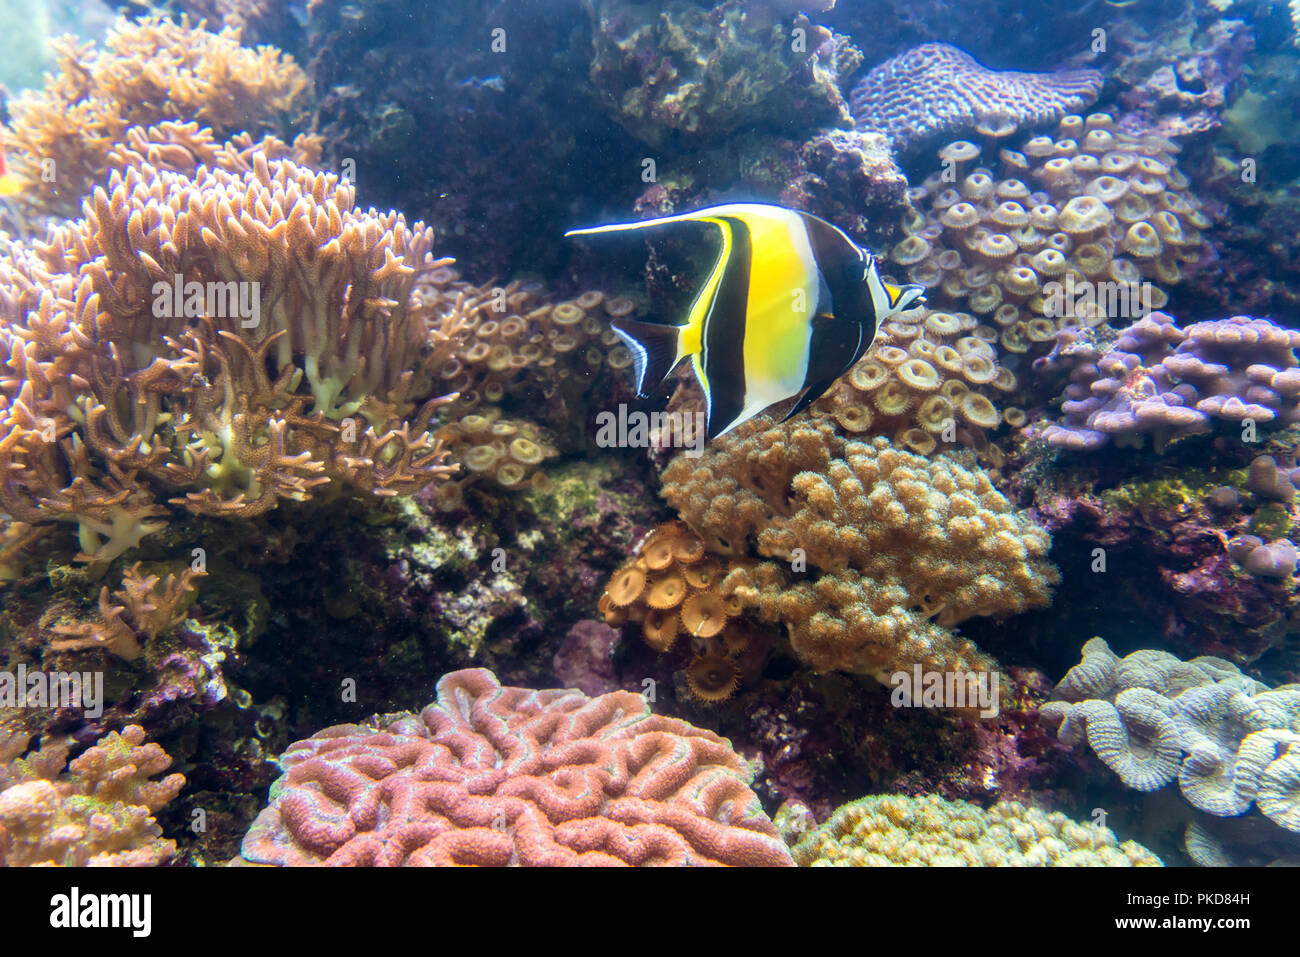 Hermoso y maravilloso mundo submarino con corales y peces tropicales. Foto de stock